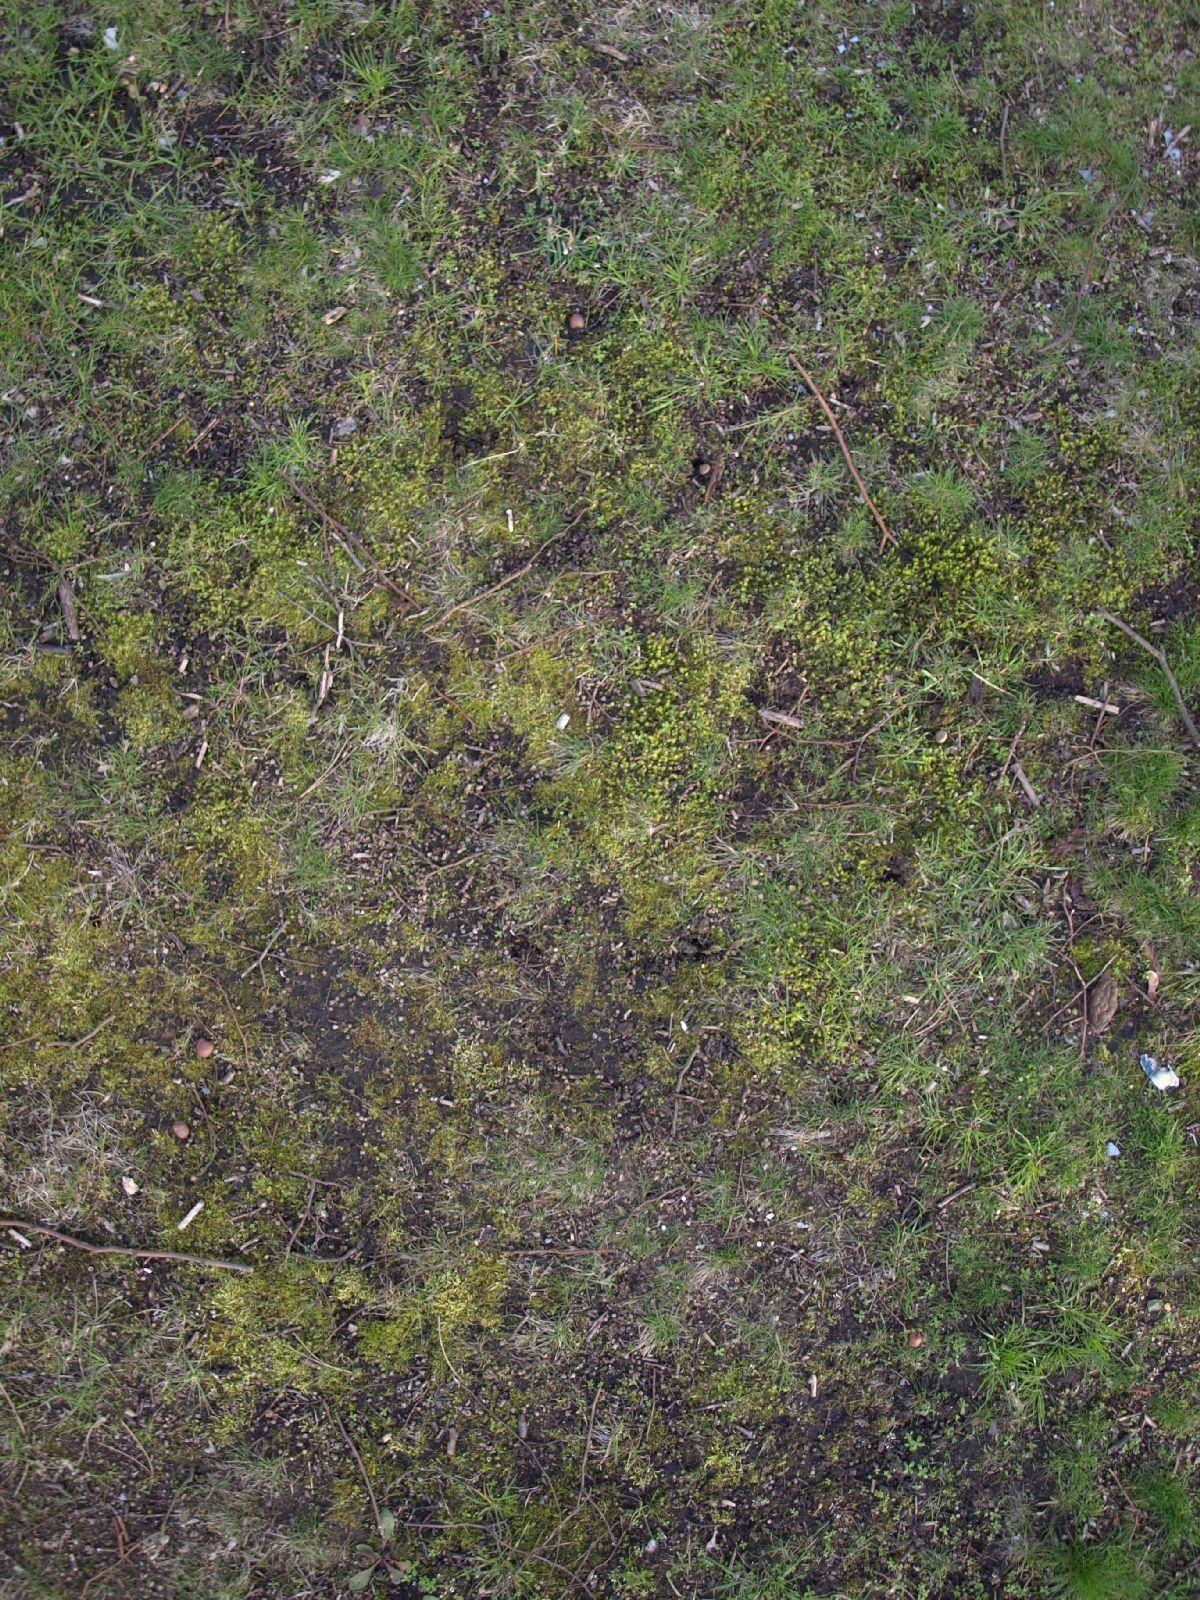 Boden-Gras-Moos-Blumen_Textur_A_P4120948